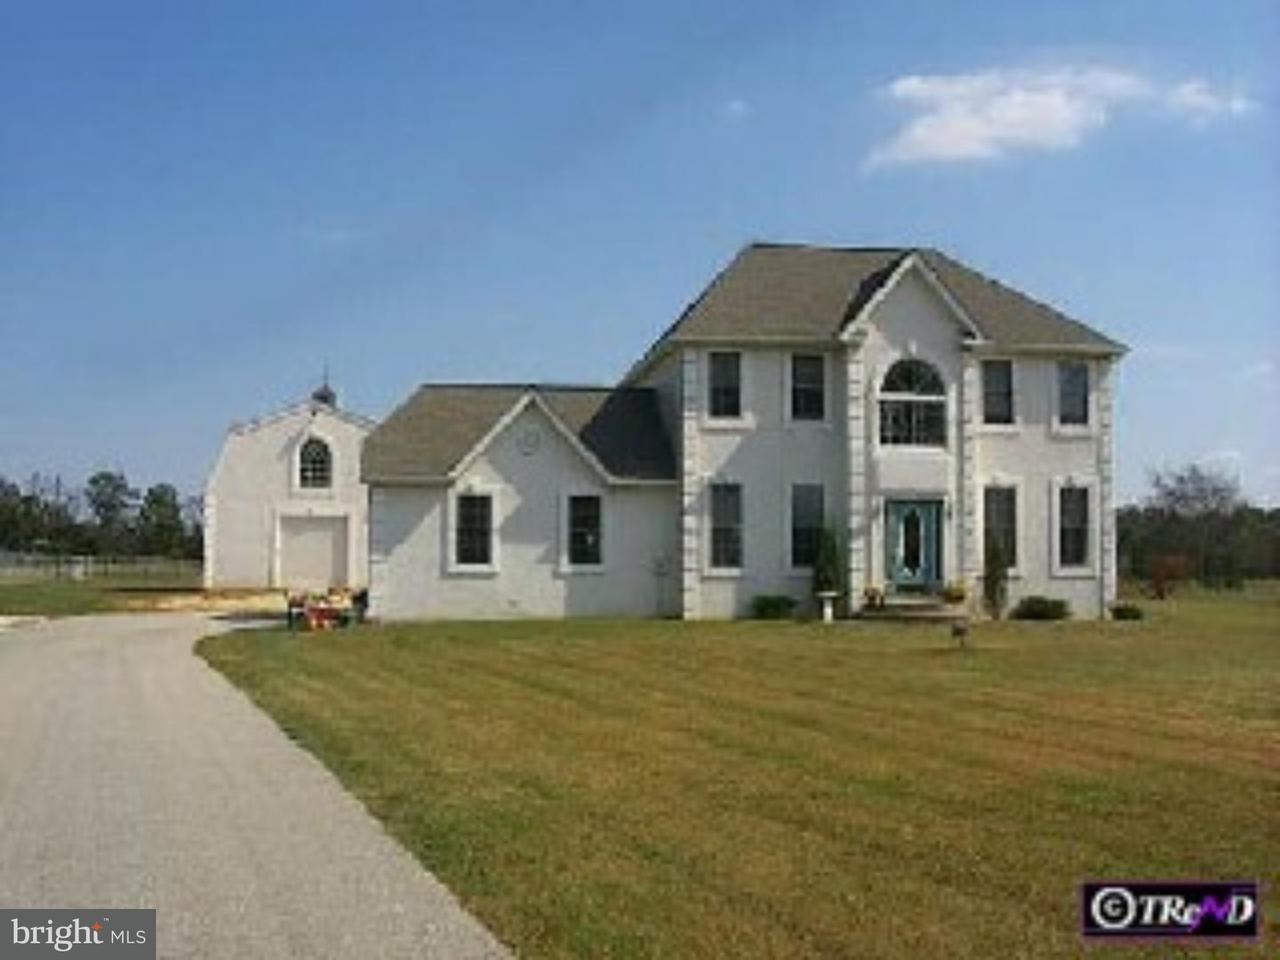 Maison unifamiliale pour l Vente à 330 S WHITE HORSE PIKE Cedar Brook, New Jersey 08037 États-Unis